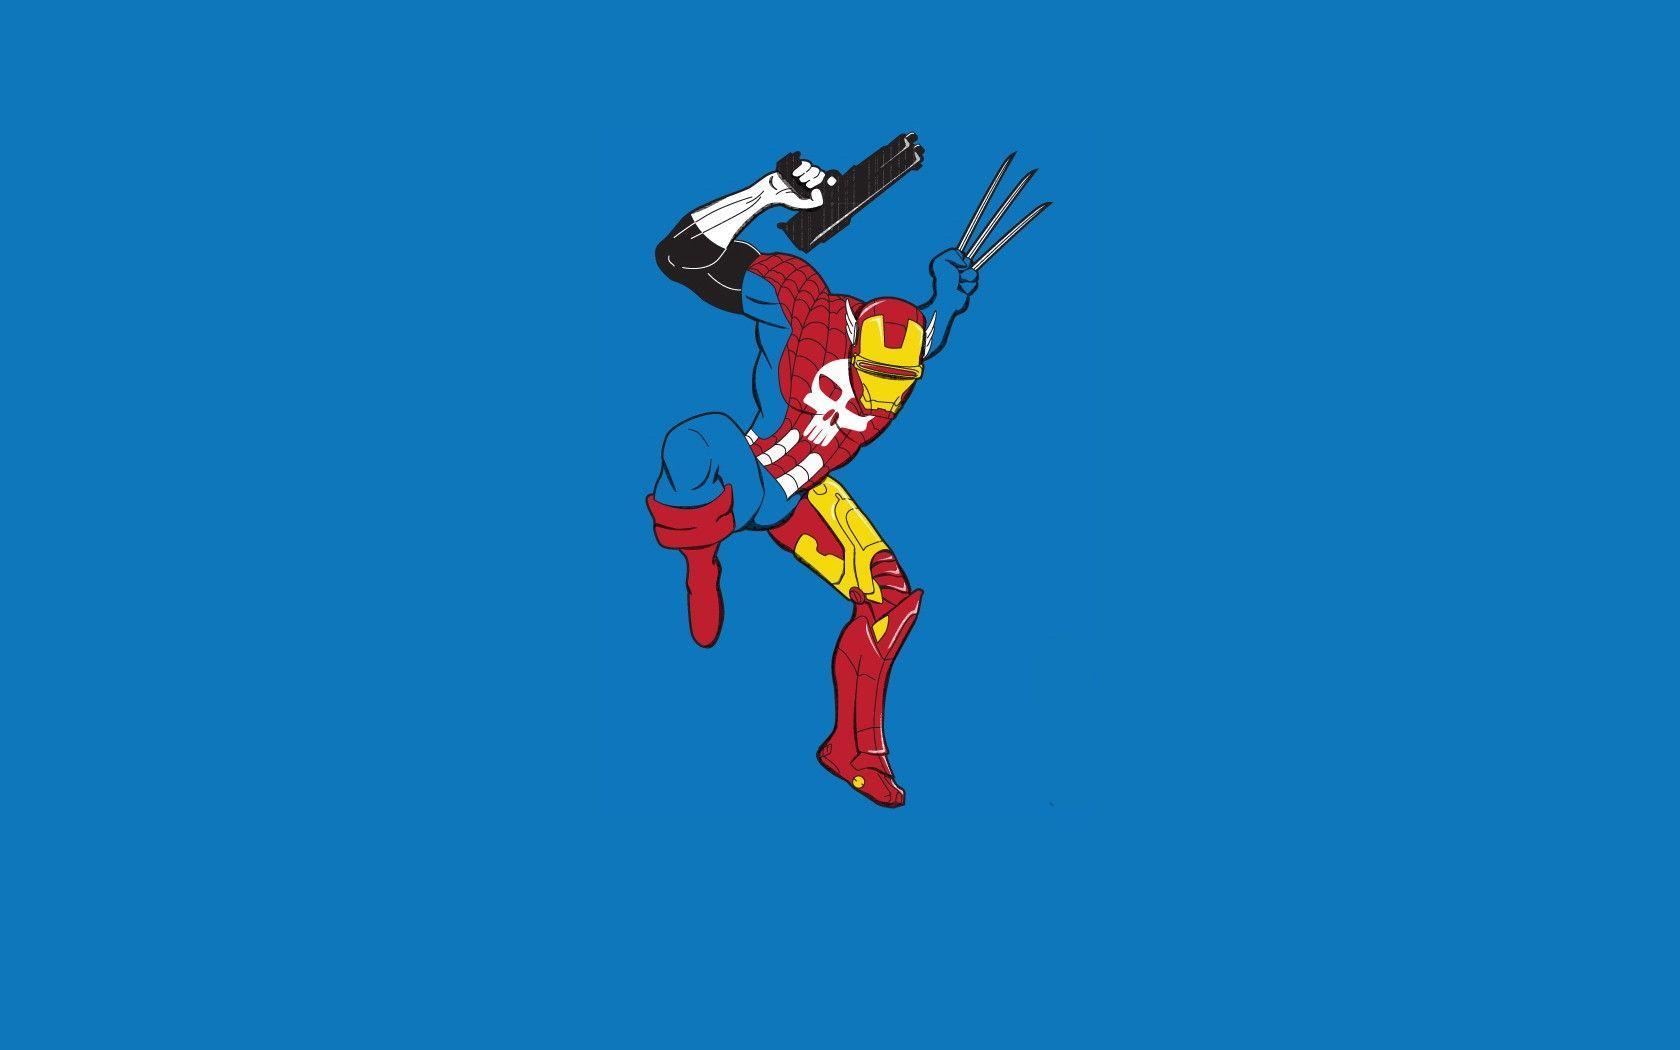 Unduh 660 Koleksi Wallpaper Iphone Superhero Gratis